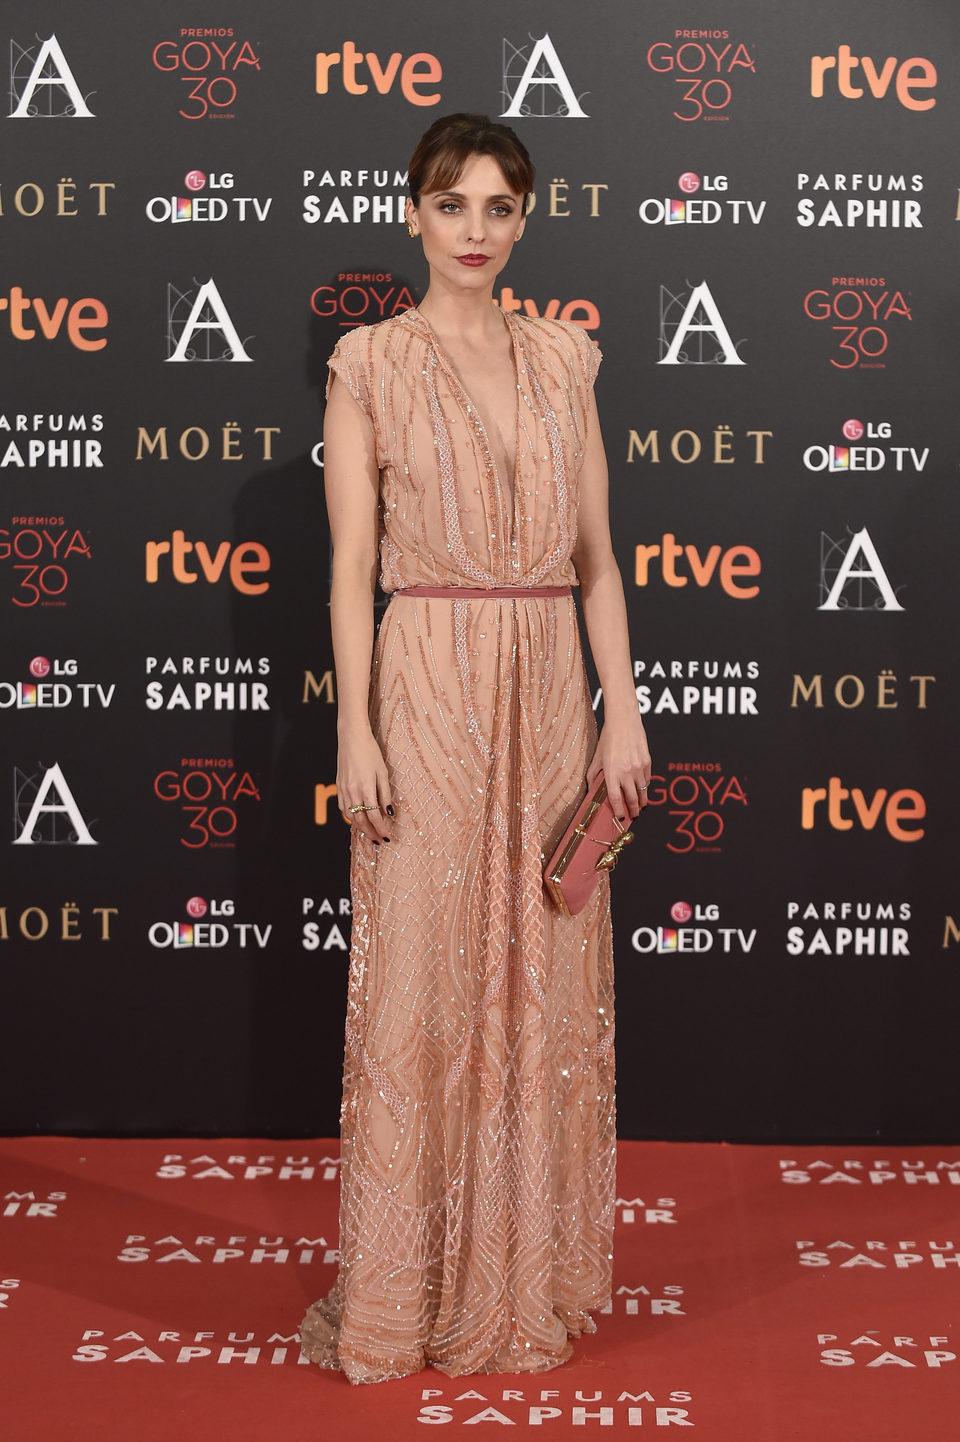 Leticia Dolera en la alfombra roja de los Premios Goya 2016